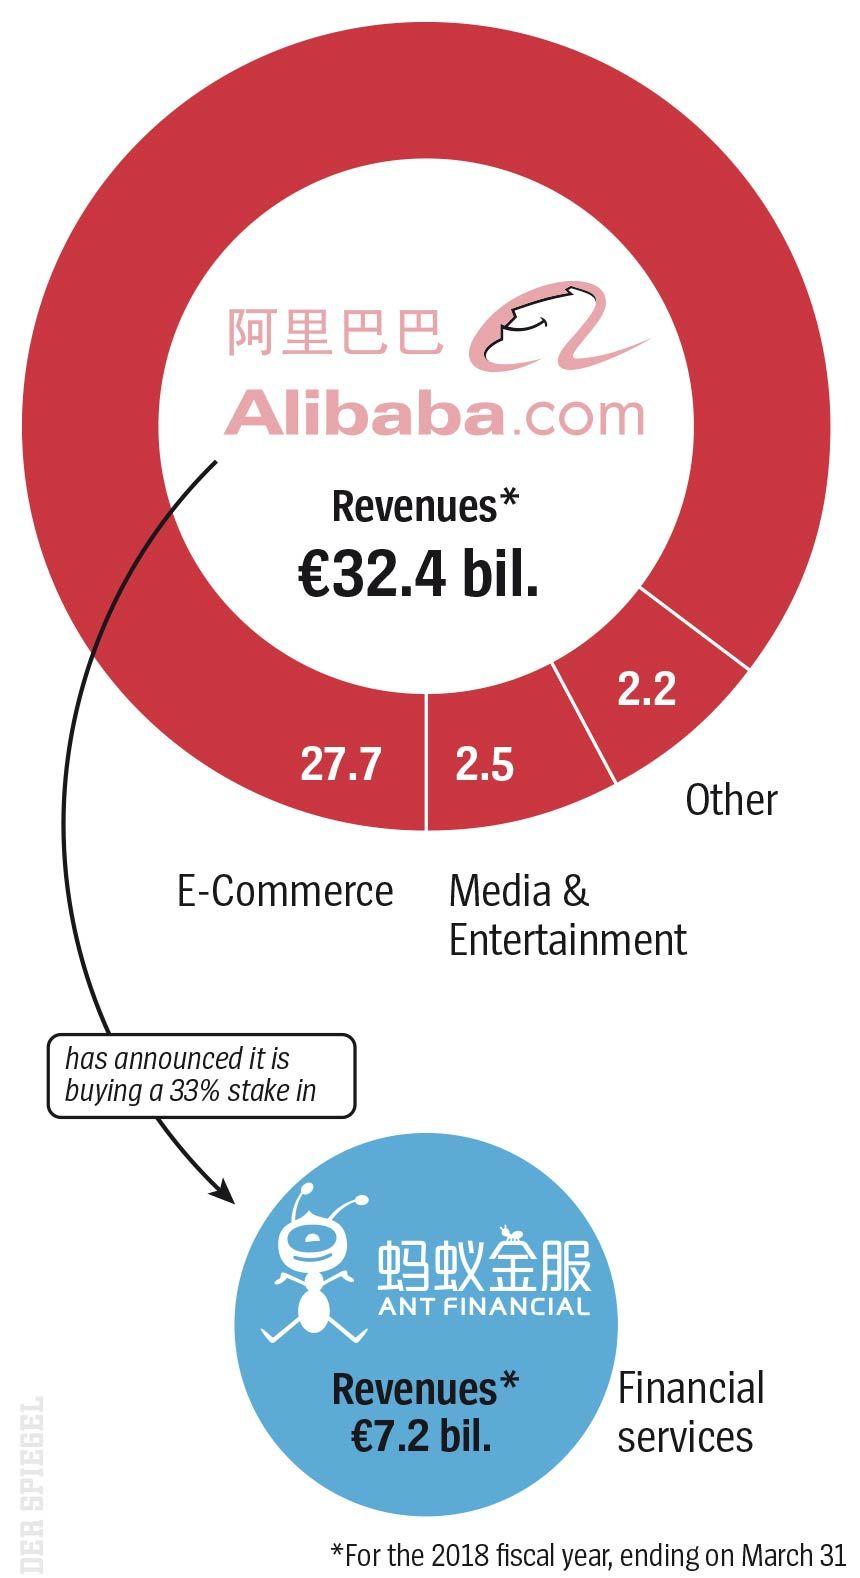 ENGLISCHE GRAFIK - DER SPIEGEL 34/2018 - Seite 67 - Alibaba / Ant Financial